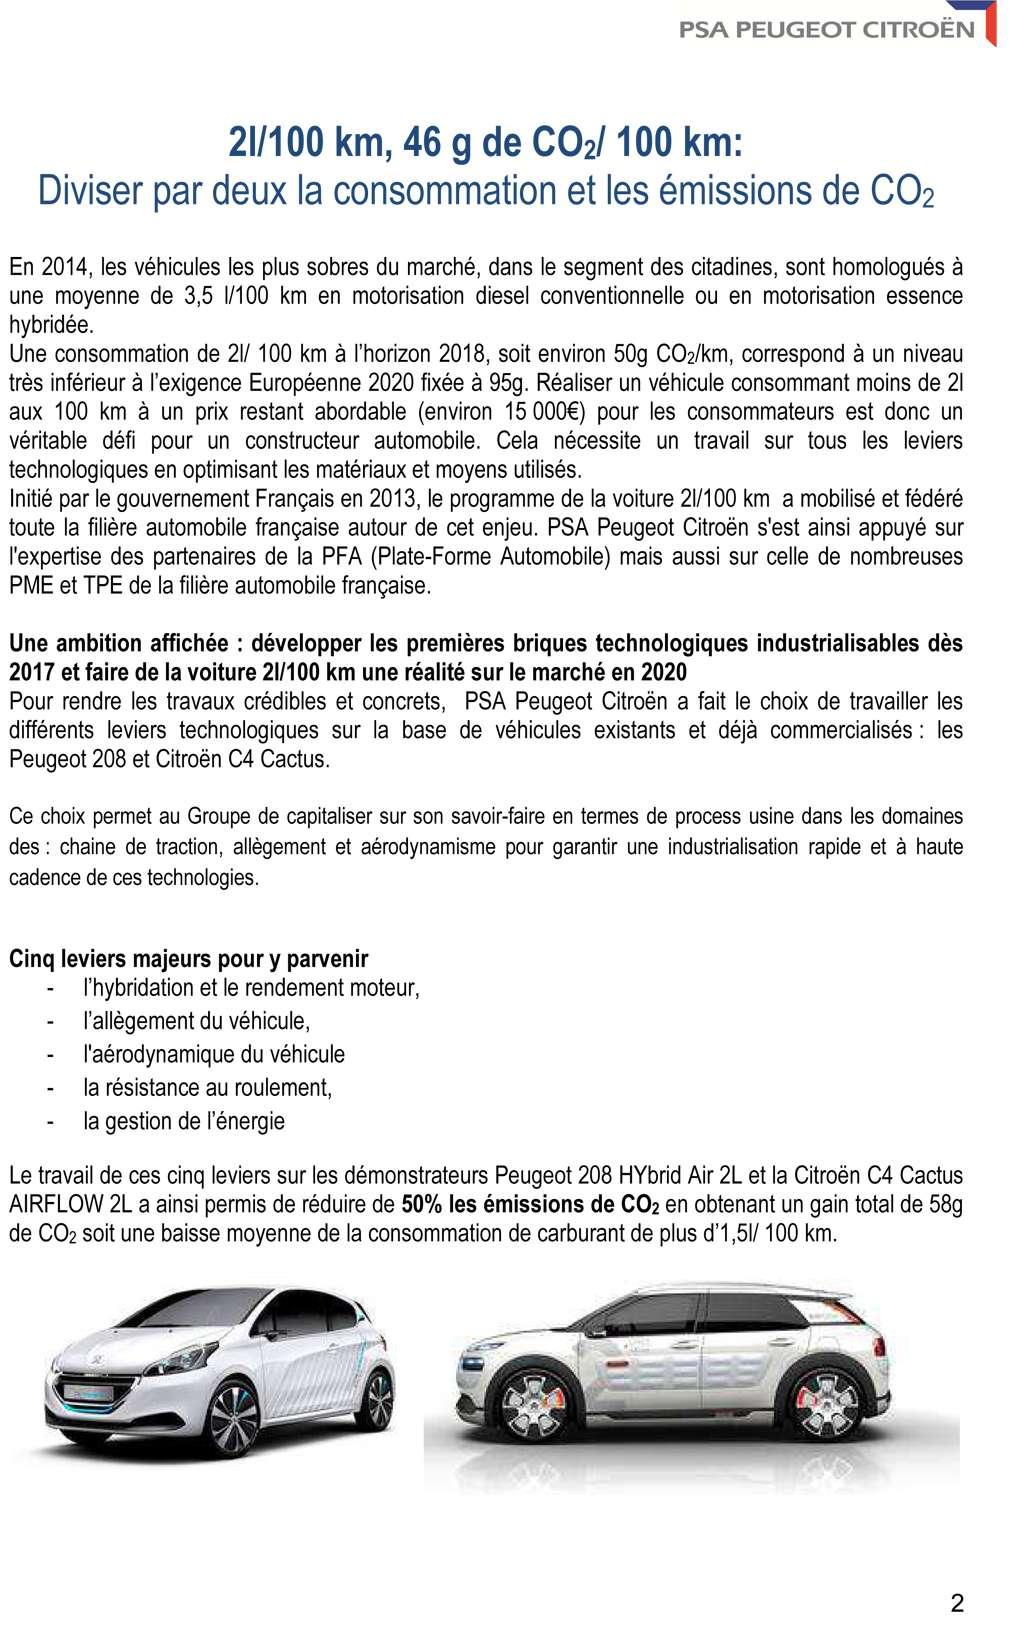 [INFORMATION] PSA: Les nouvelles technologies - Page 4 2014-110